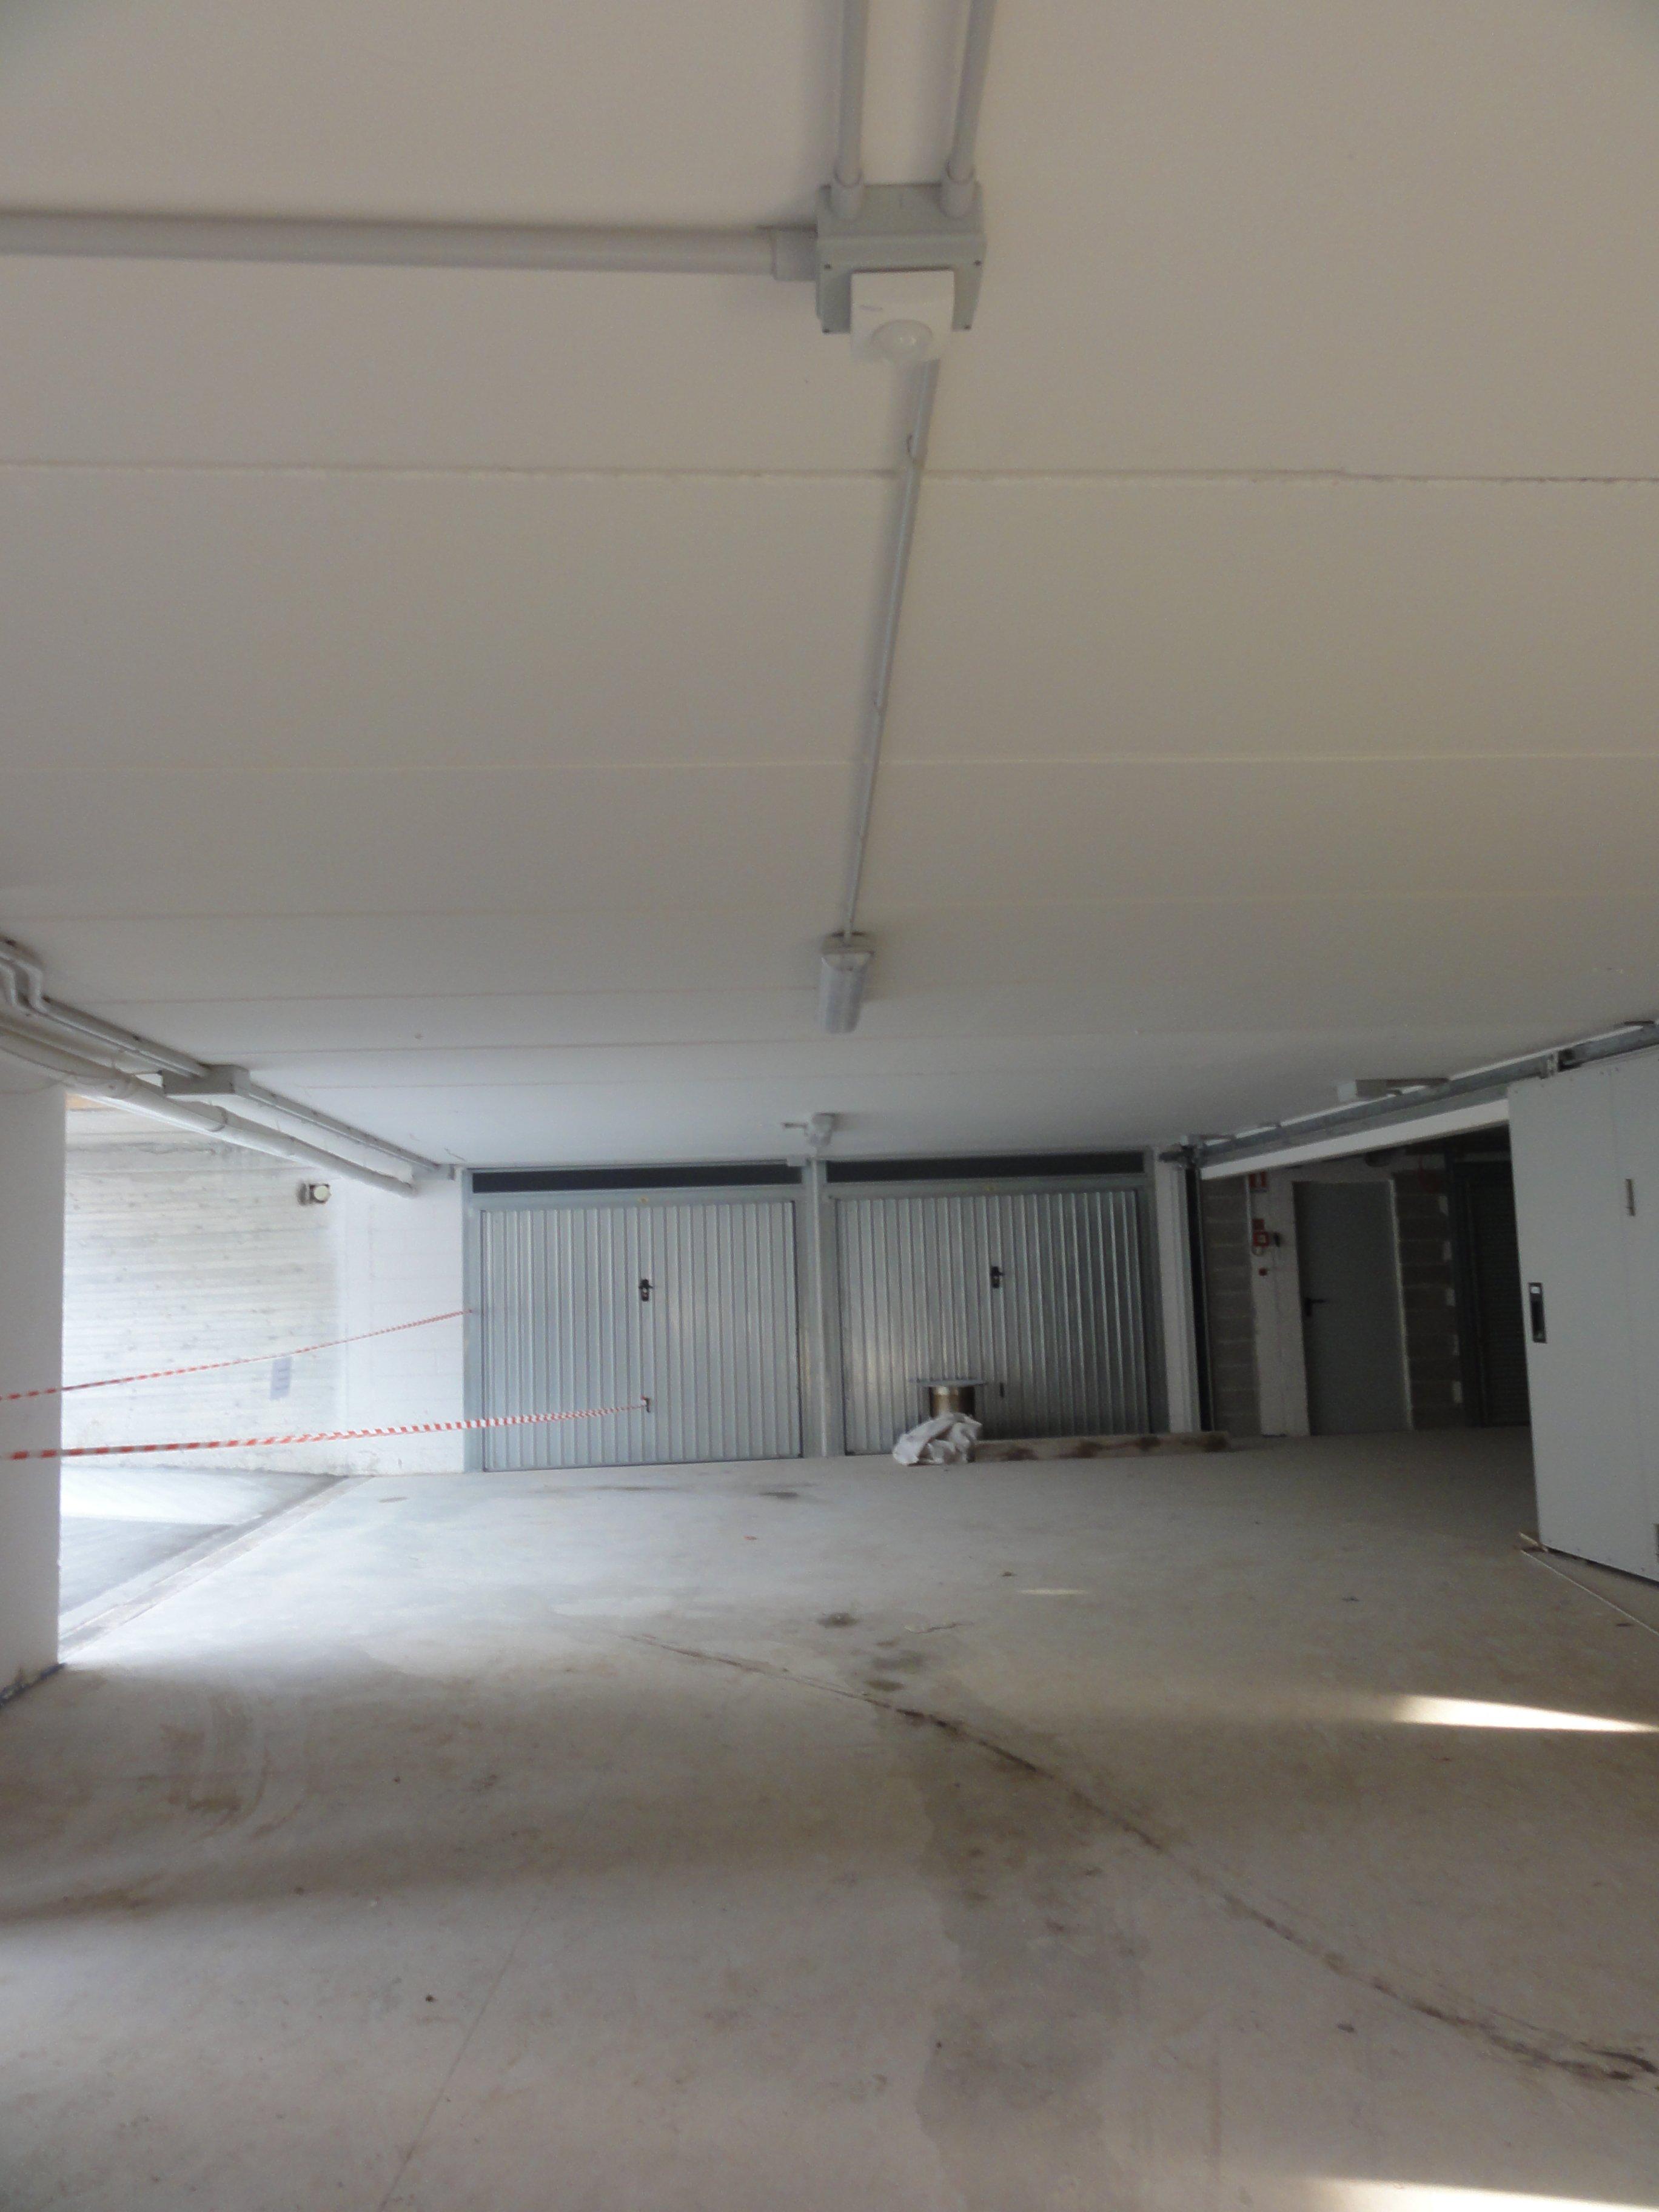 parcheggio sotterraneo con porte a basculante